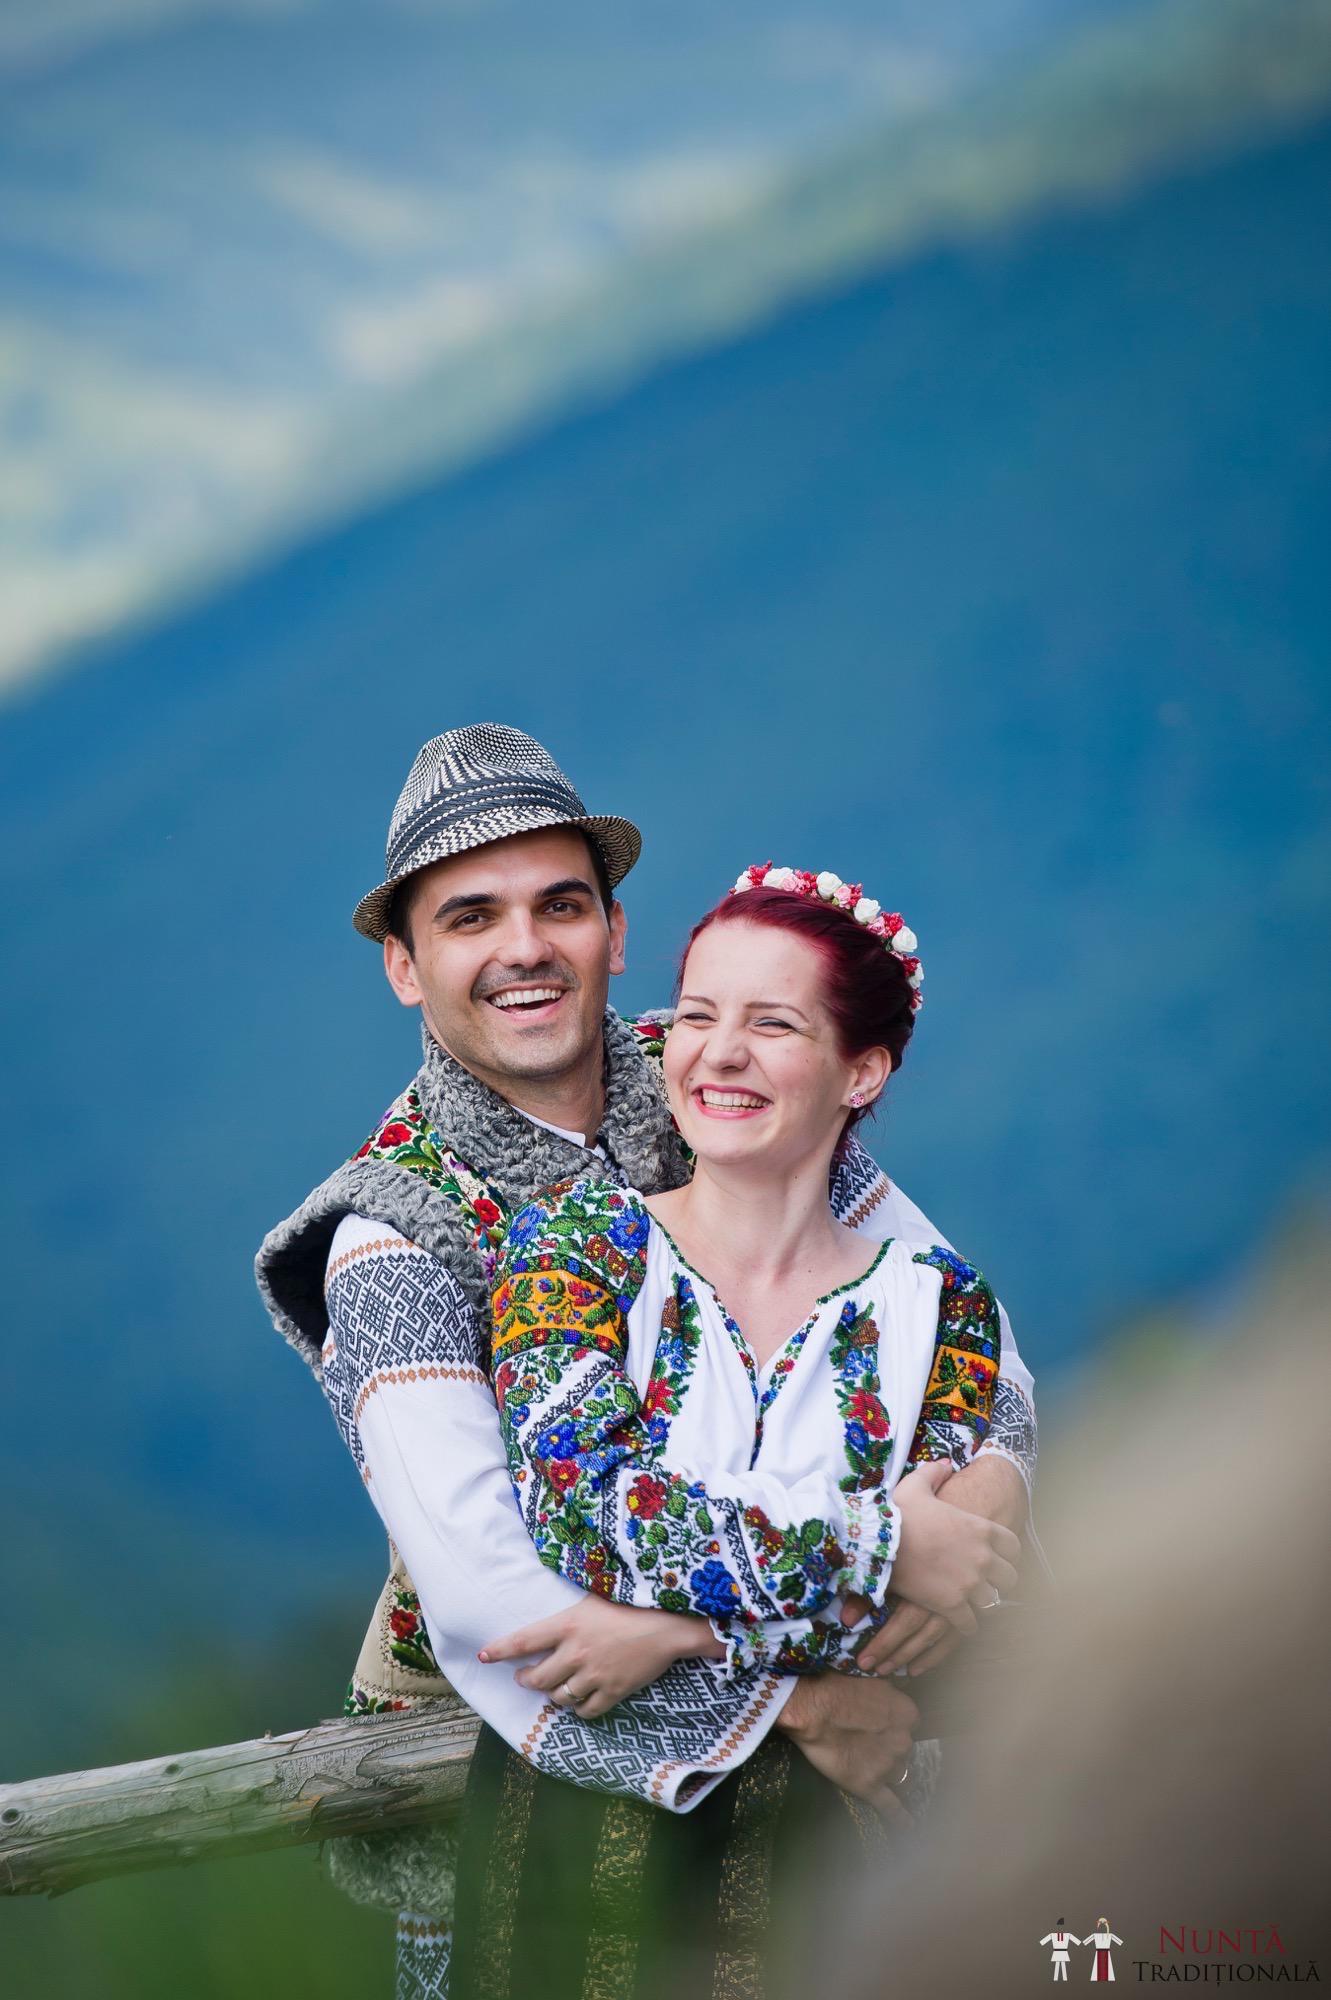 Povești Nunți Tradiționale - Gabriela și Mădălin - Nuntă Tradițională în Suceava, Bucovina 33